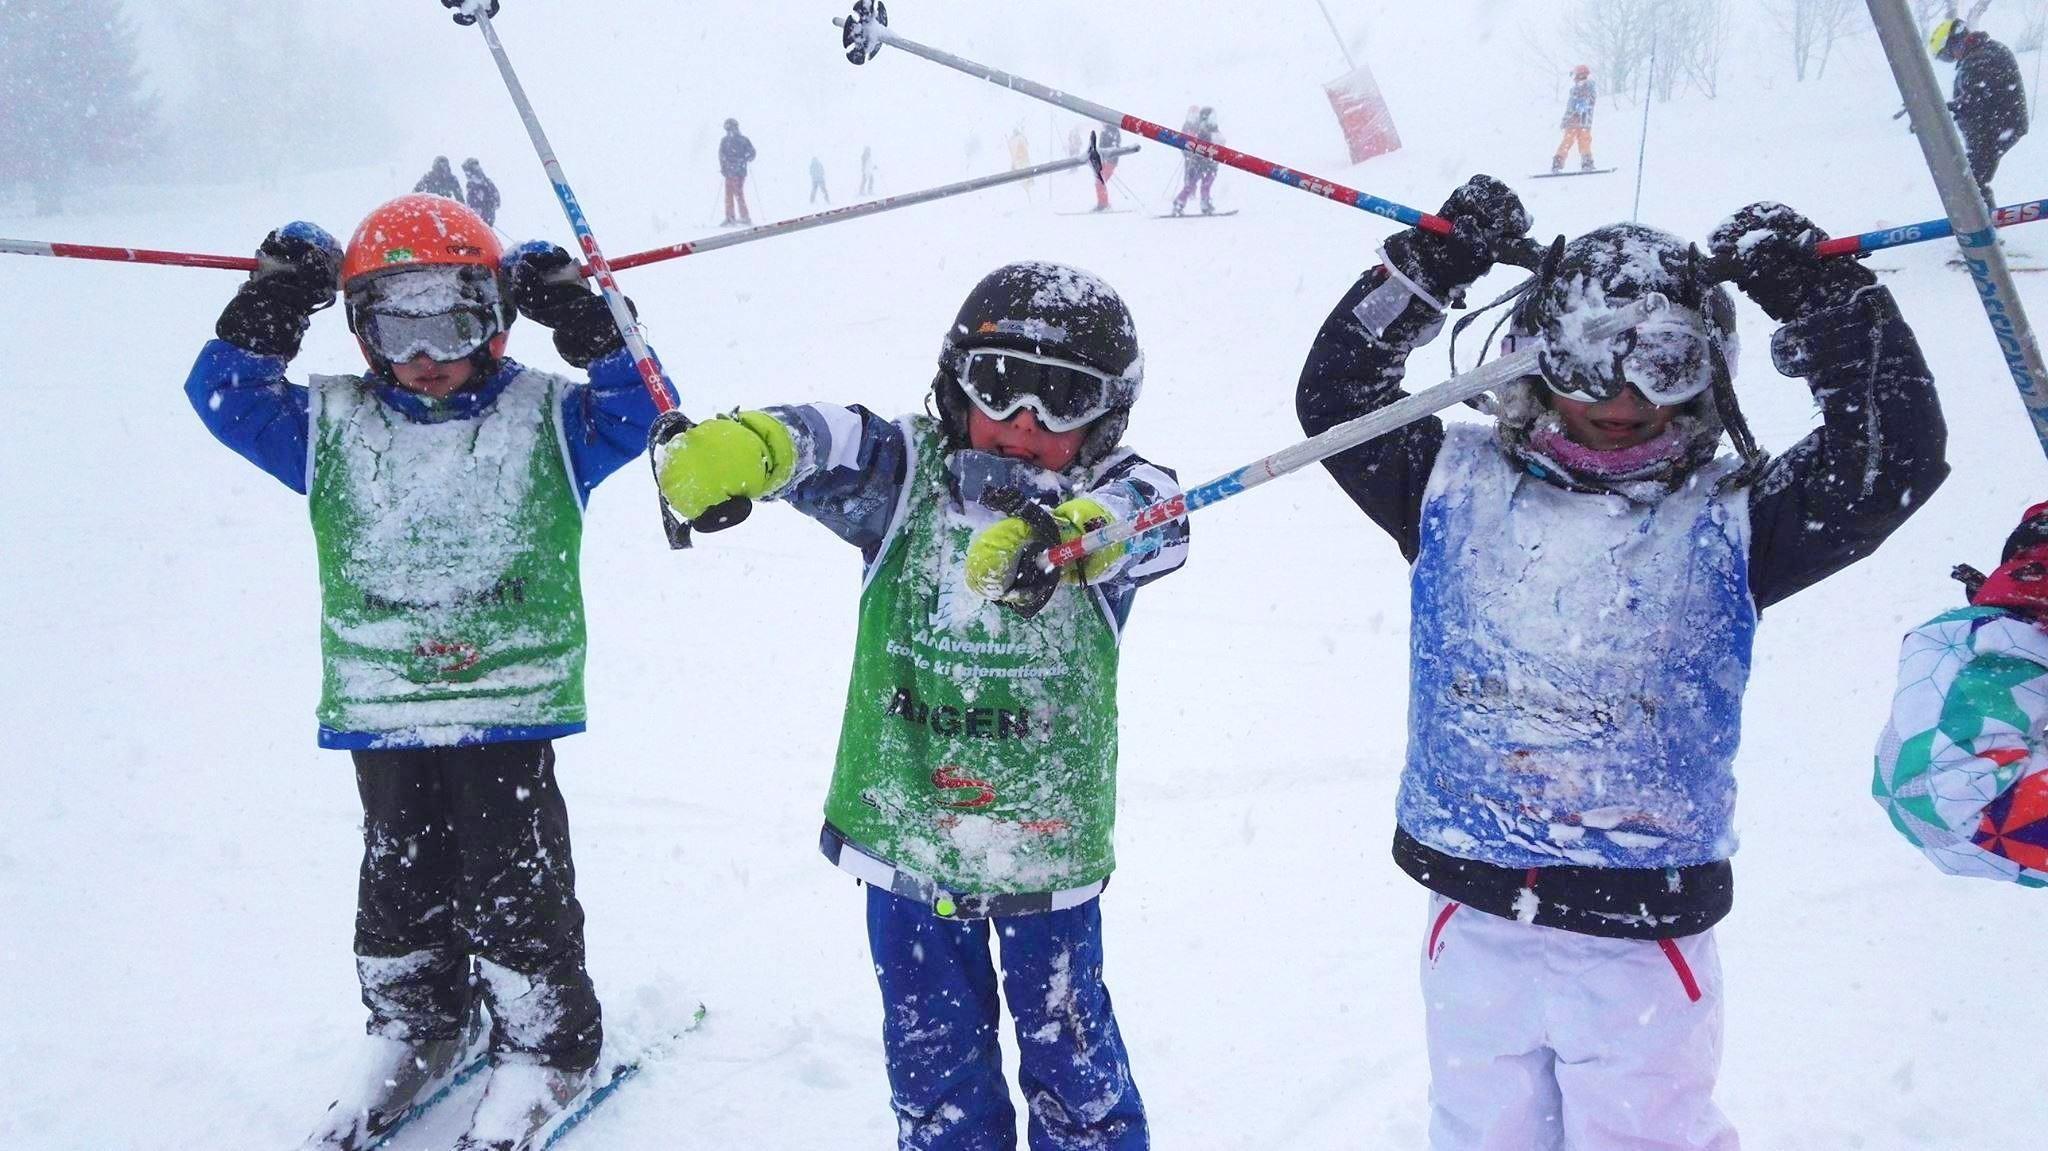 Cours de ski Enfants (4-15 ans) - Matin - Arc 1800